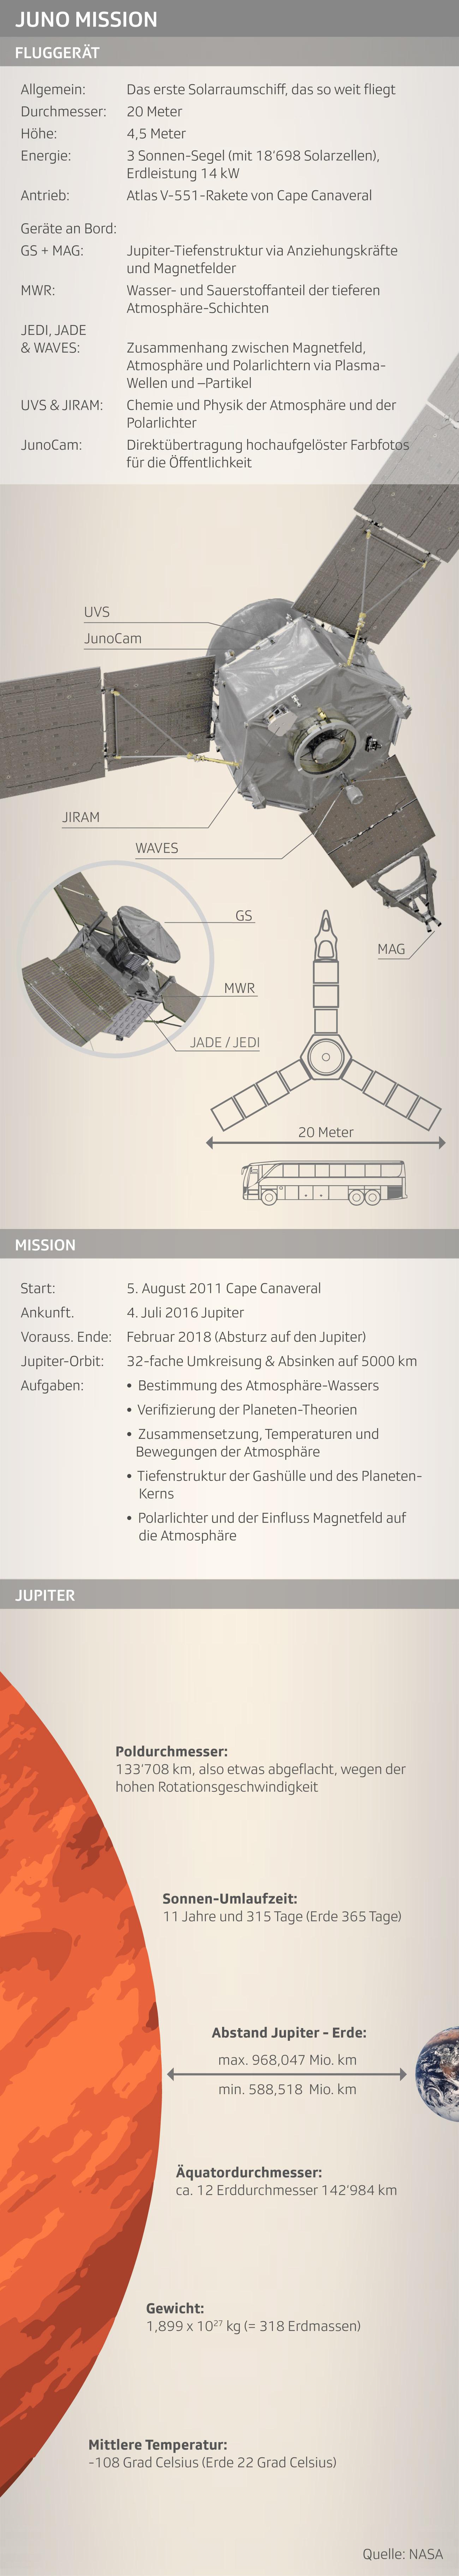 Juno-Mission